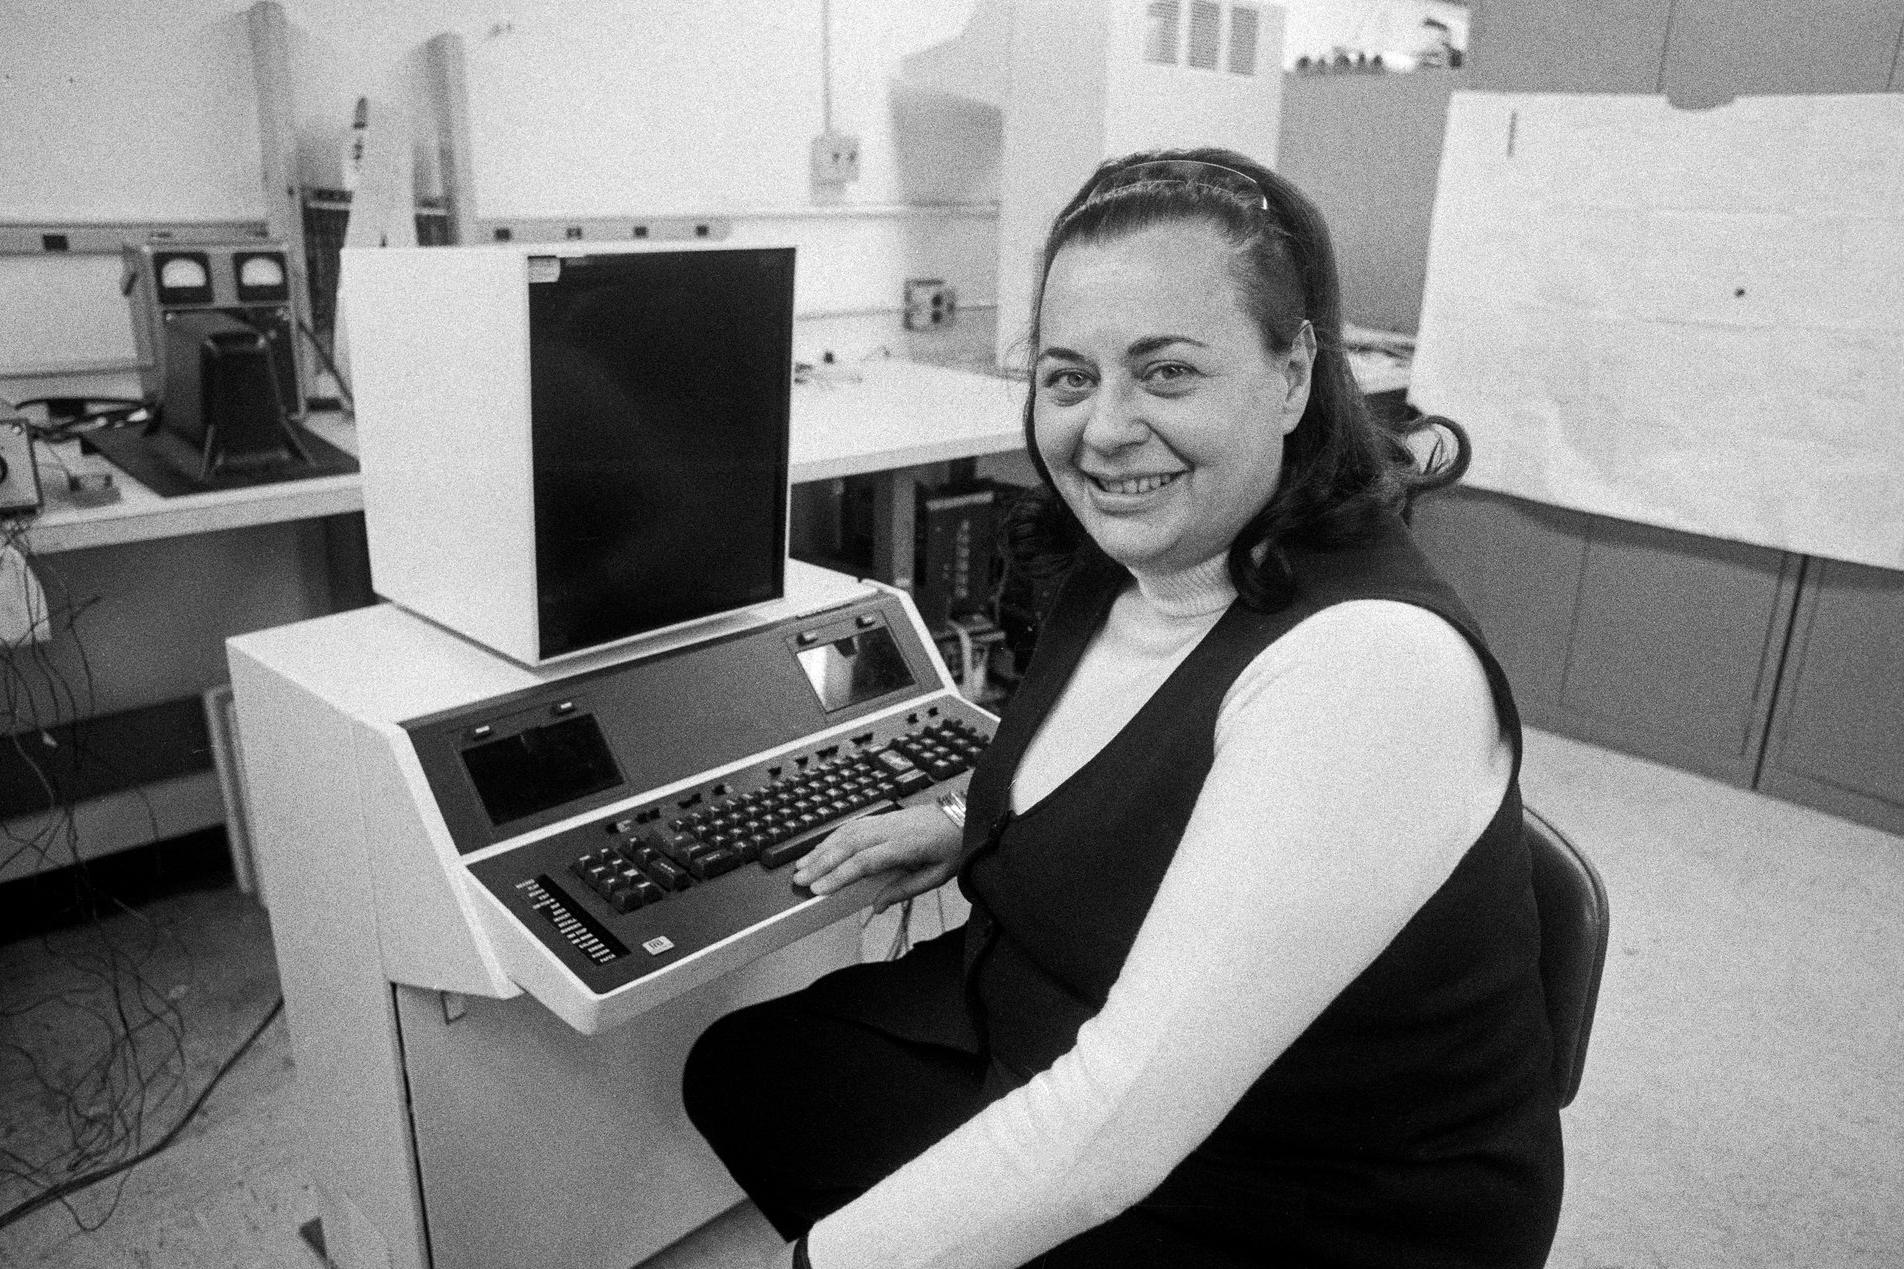 Imagem de Morre Evelyn Berezin, criadora do primeiro processador de texto do mundo no tecmundo